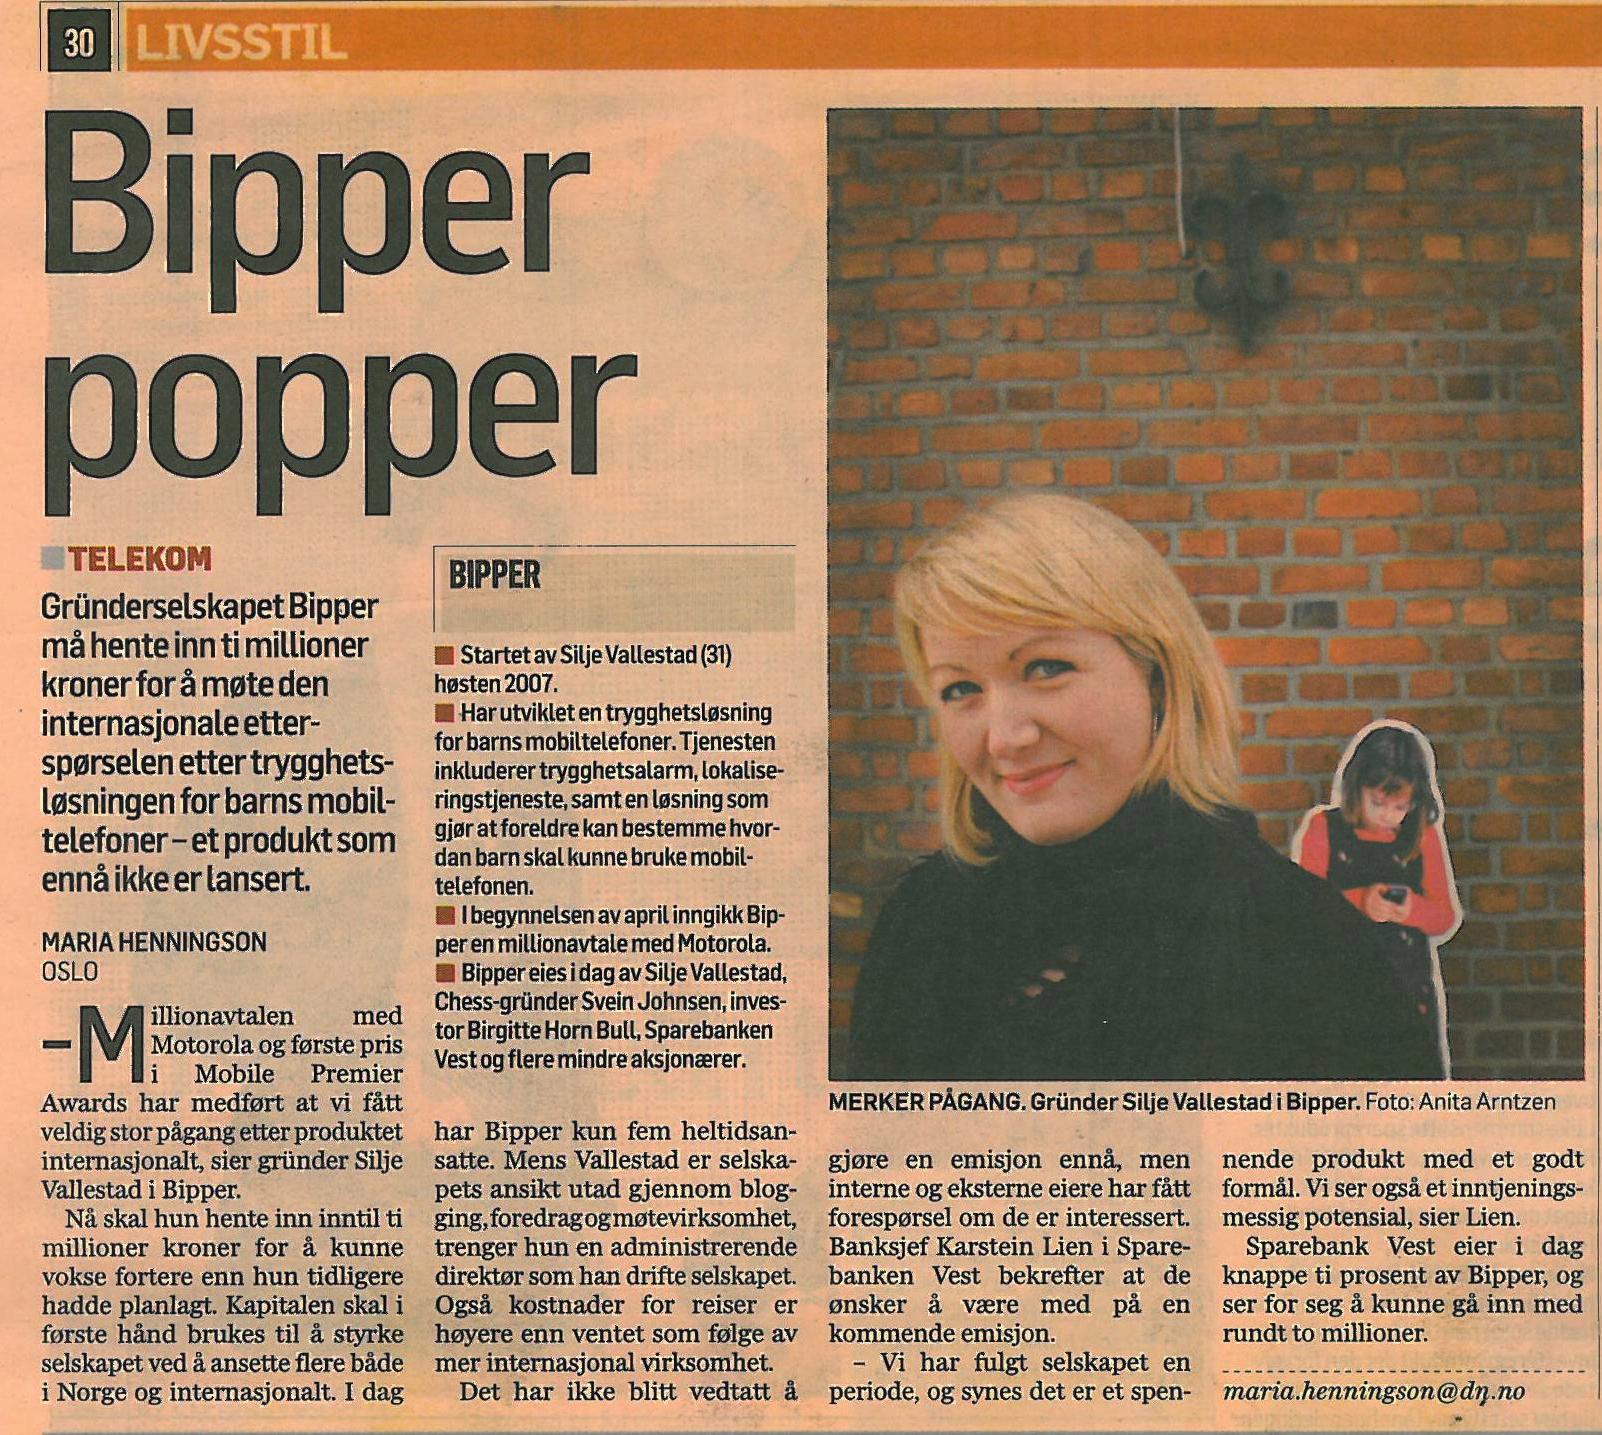 2010.04, DN - Bipper popper